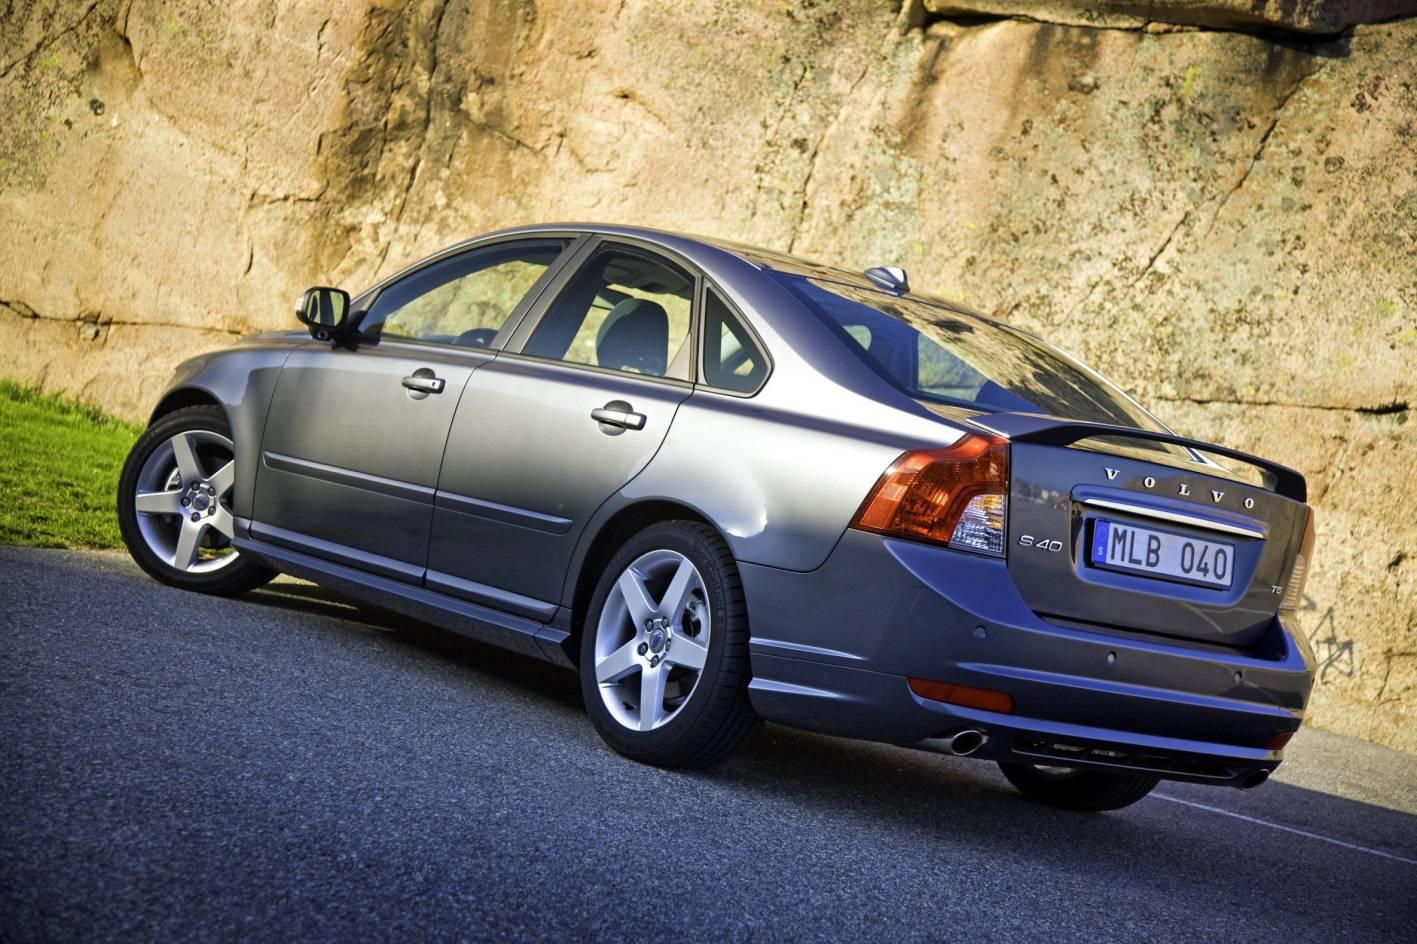 2010_volvo_s40_sedan_csr_03